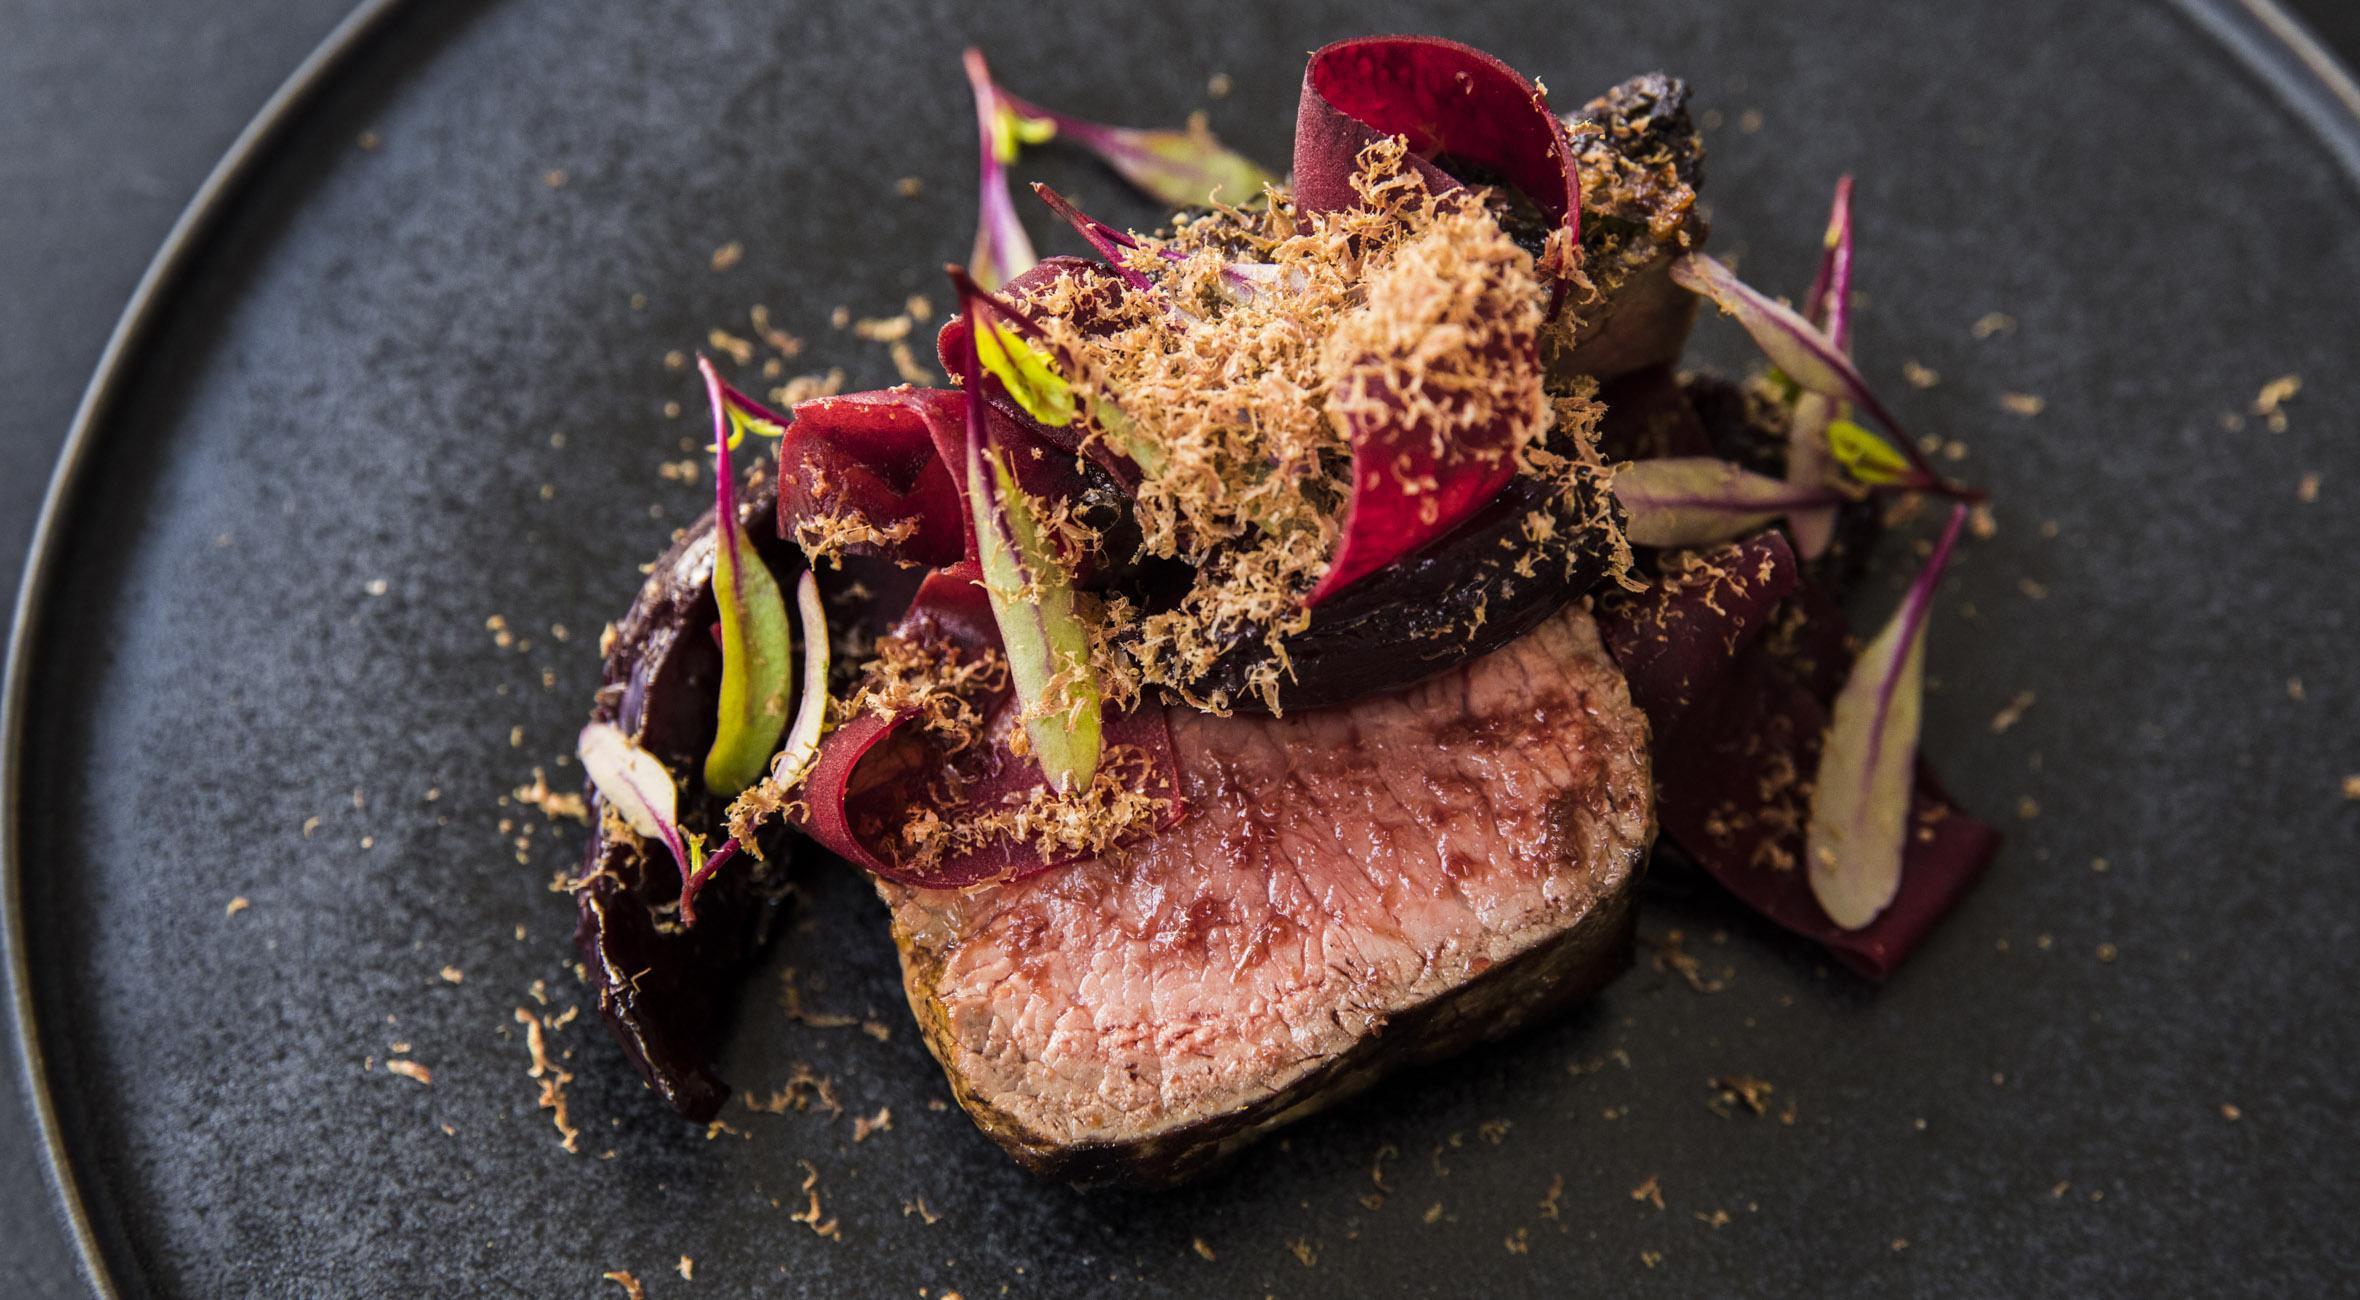 3-retters menu hos Restaurant MA – 5 stjerner i Berlingske, Børsen og Jyllands-Posten til ny gourmet-restaurant i Indre By